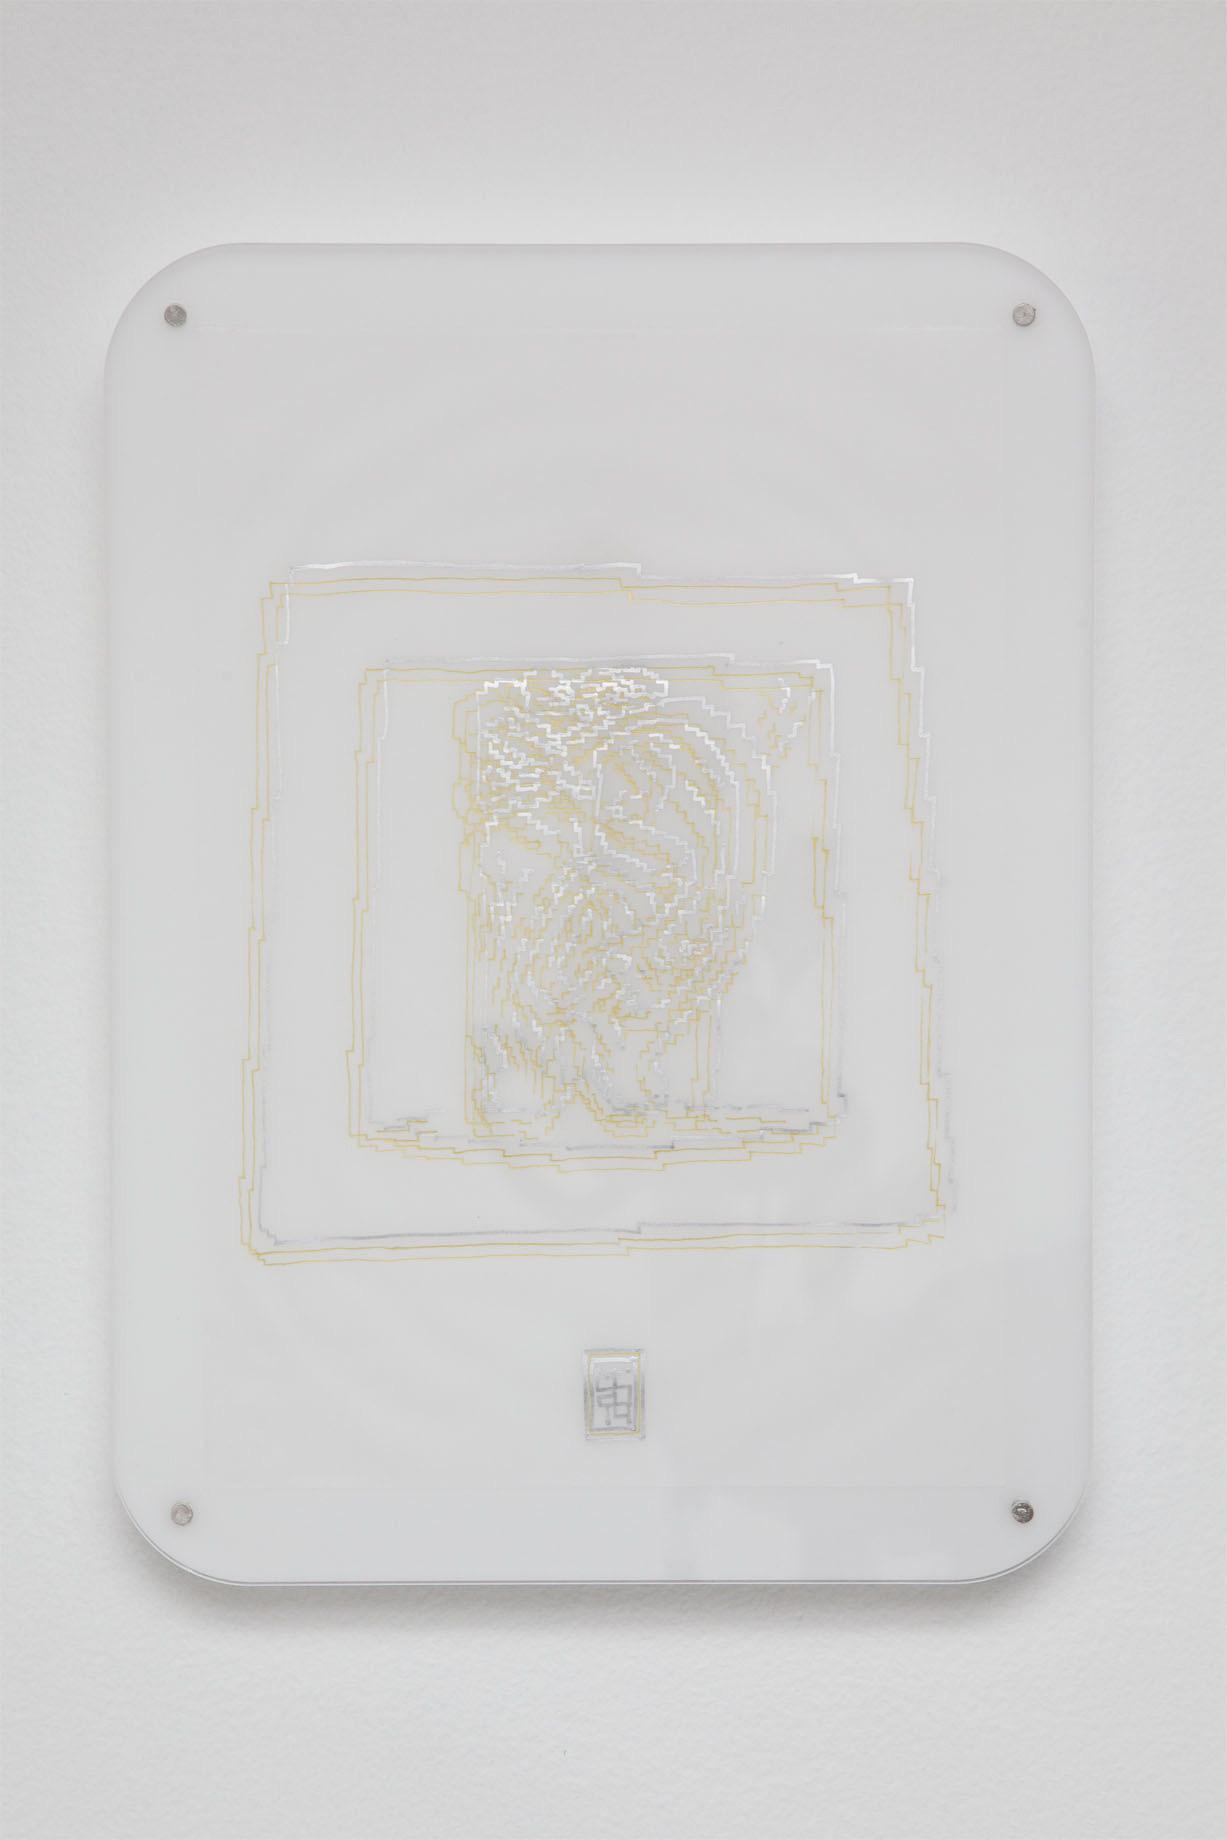 Michele Chiossi Ca' de l'ureggia, 2014   pennarelli e pigmento d'oro su carta da lucido, plexiglas, magneti    23x33 cm Wildt orecchio disegno zigzag Milano #itsmilanobaby